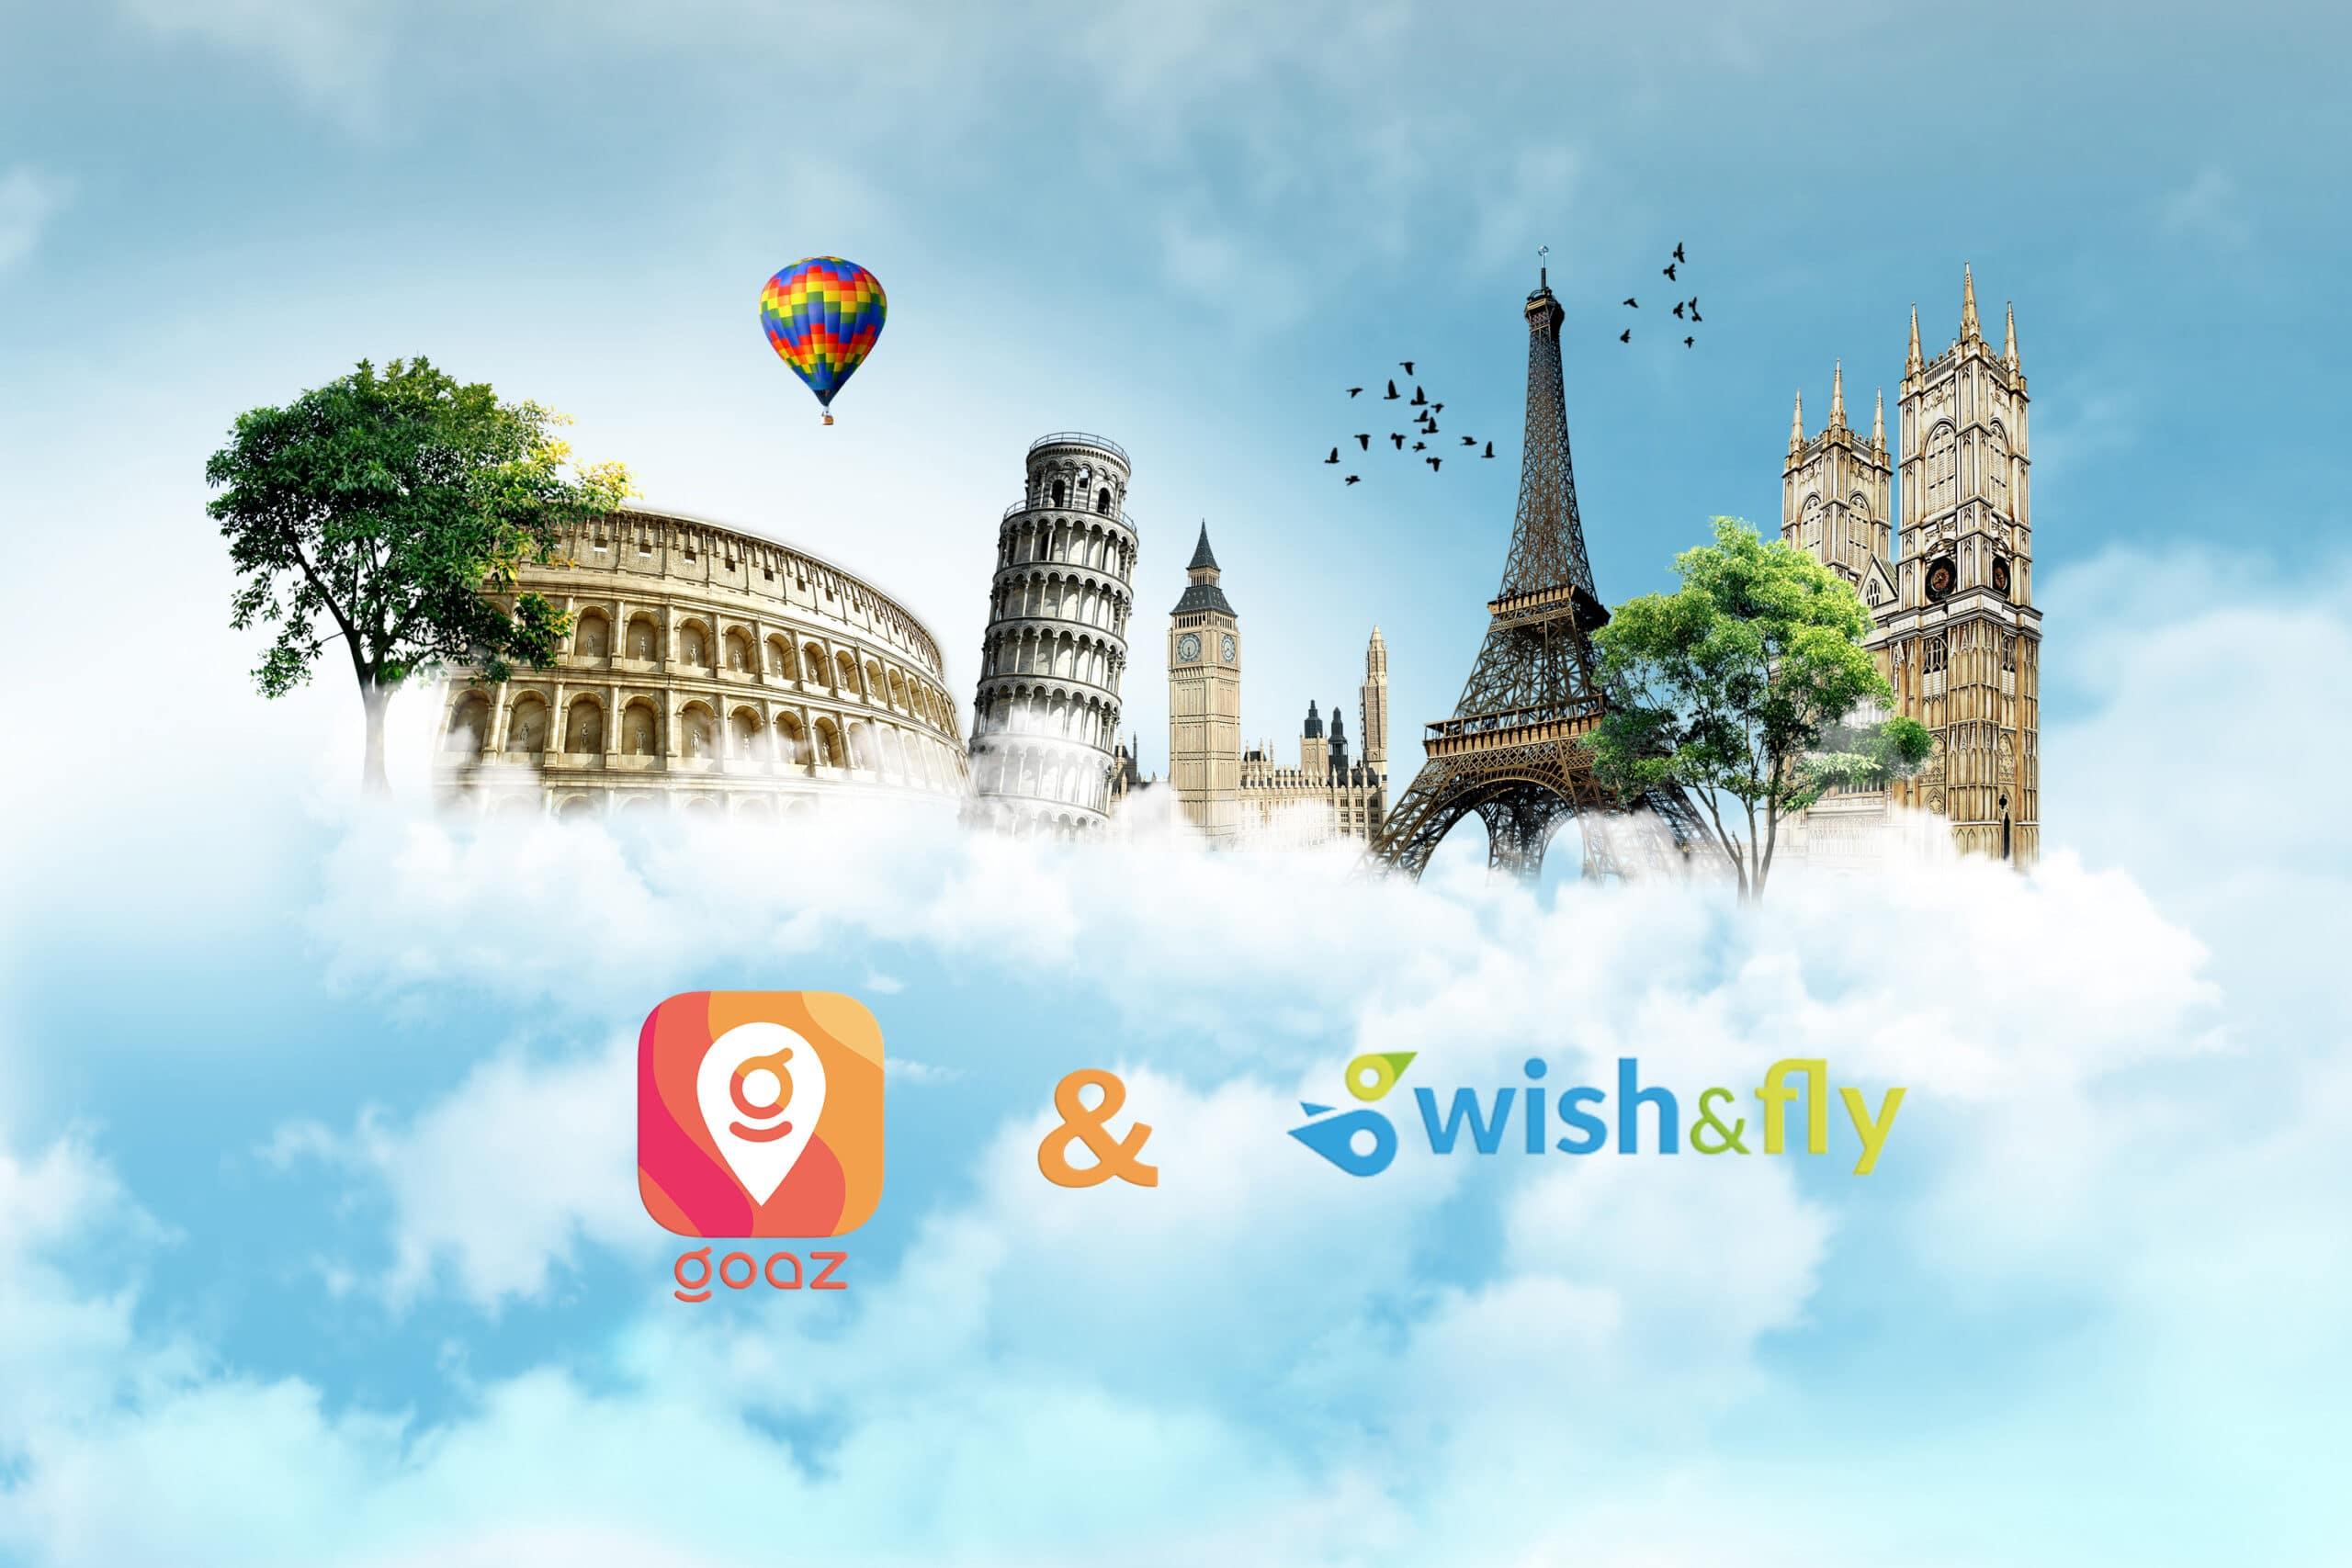 Goaz y Wish & Fly se unen para ofrecer una experiencia completa de viaje a sus usuarios